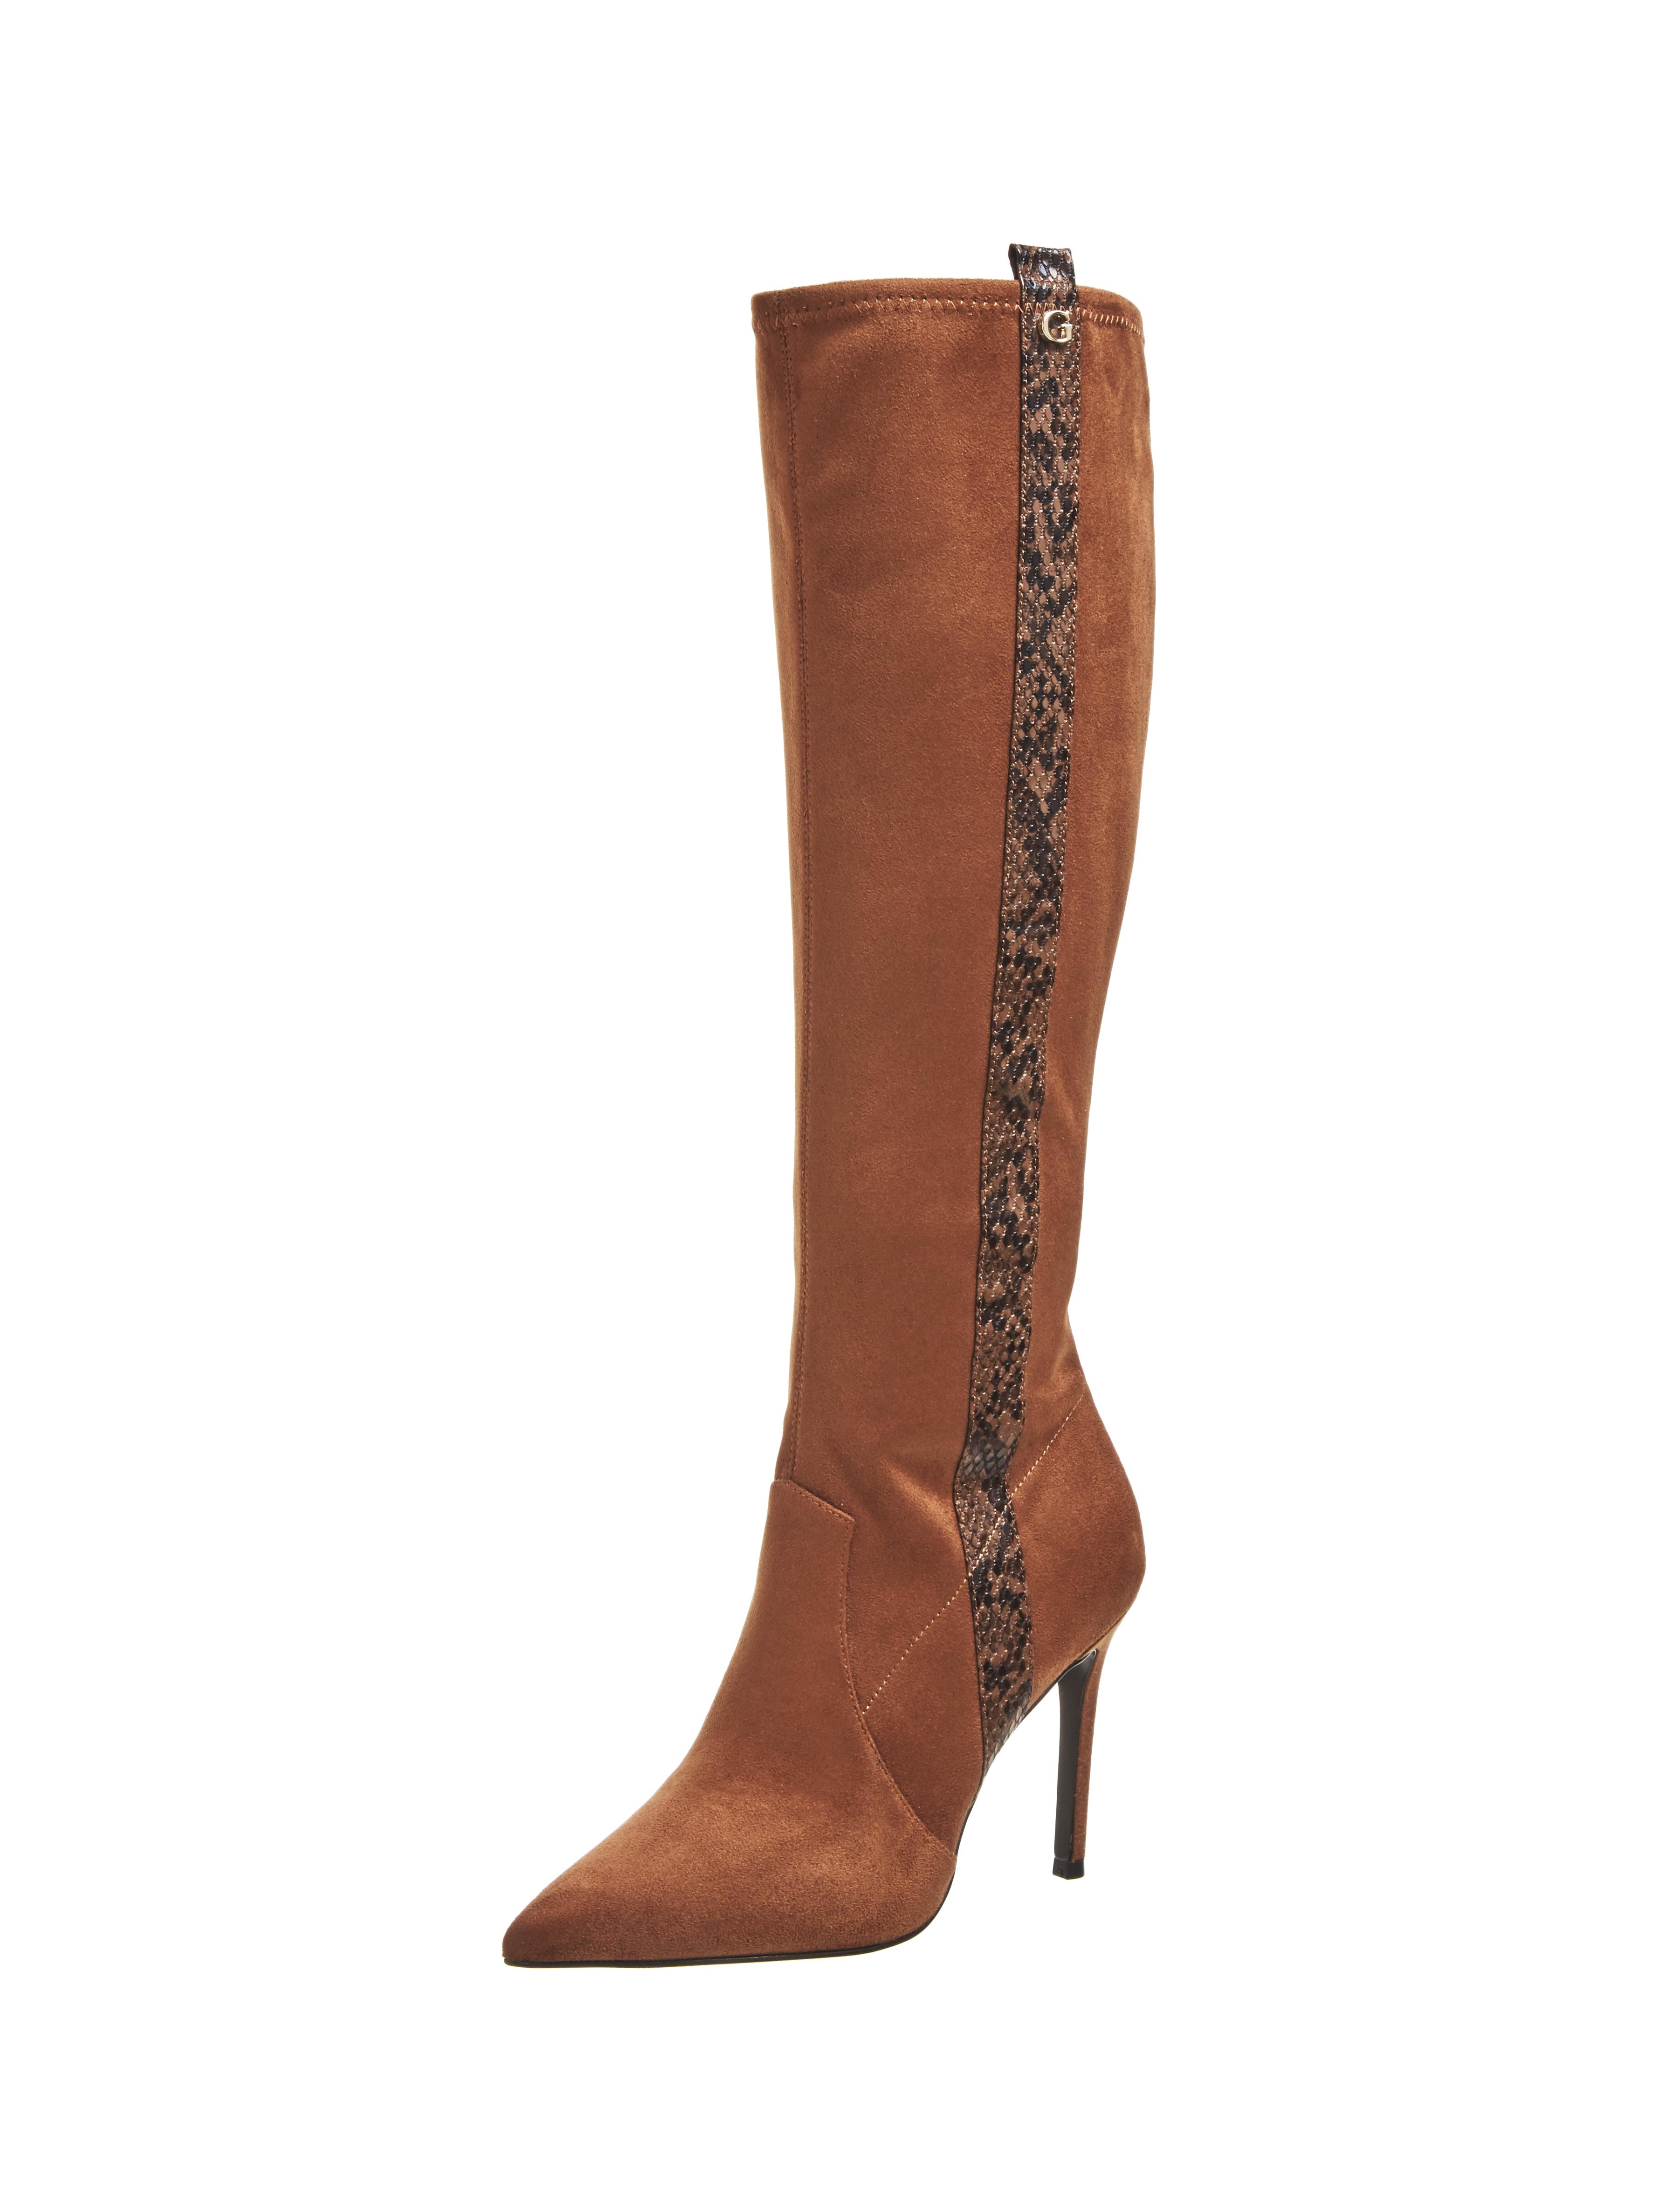 GUESS%20Footwear%20 %20FL8BEDESU11 BROWN - GUESS presenta sus accesorios de hombre y mujer para temporada Otoño-Invierno 2020